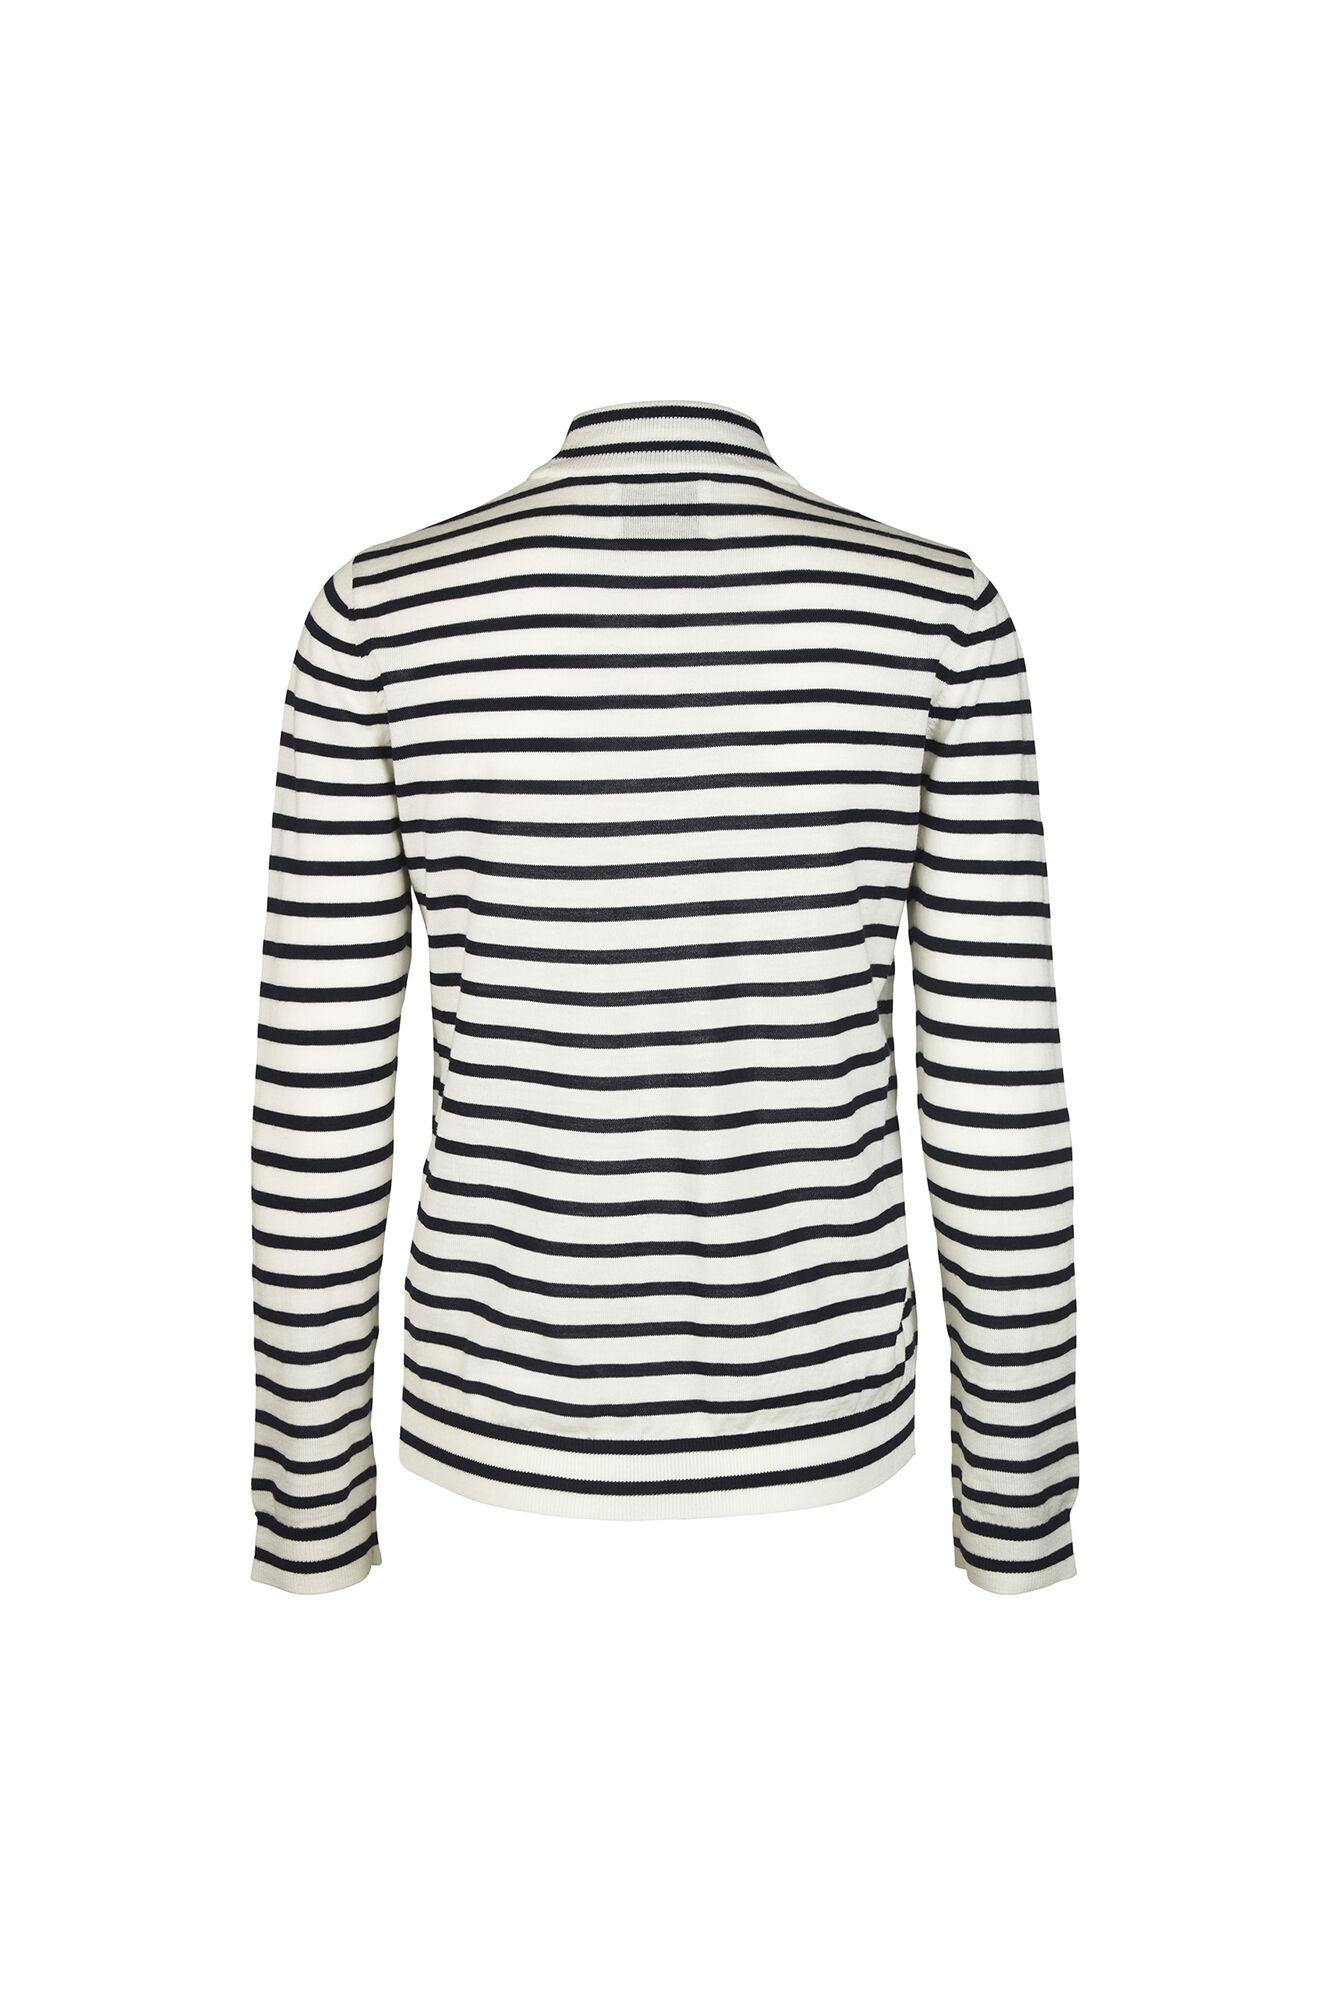 Sanella t-neck stripe 3111, BLUECREAM